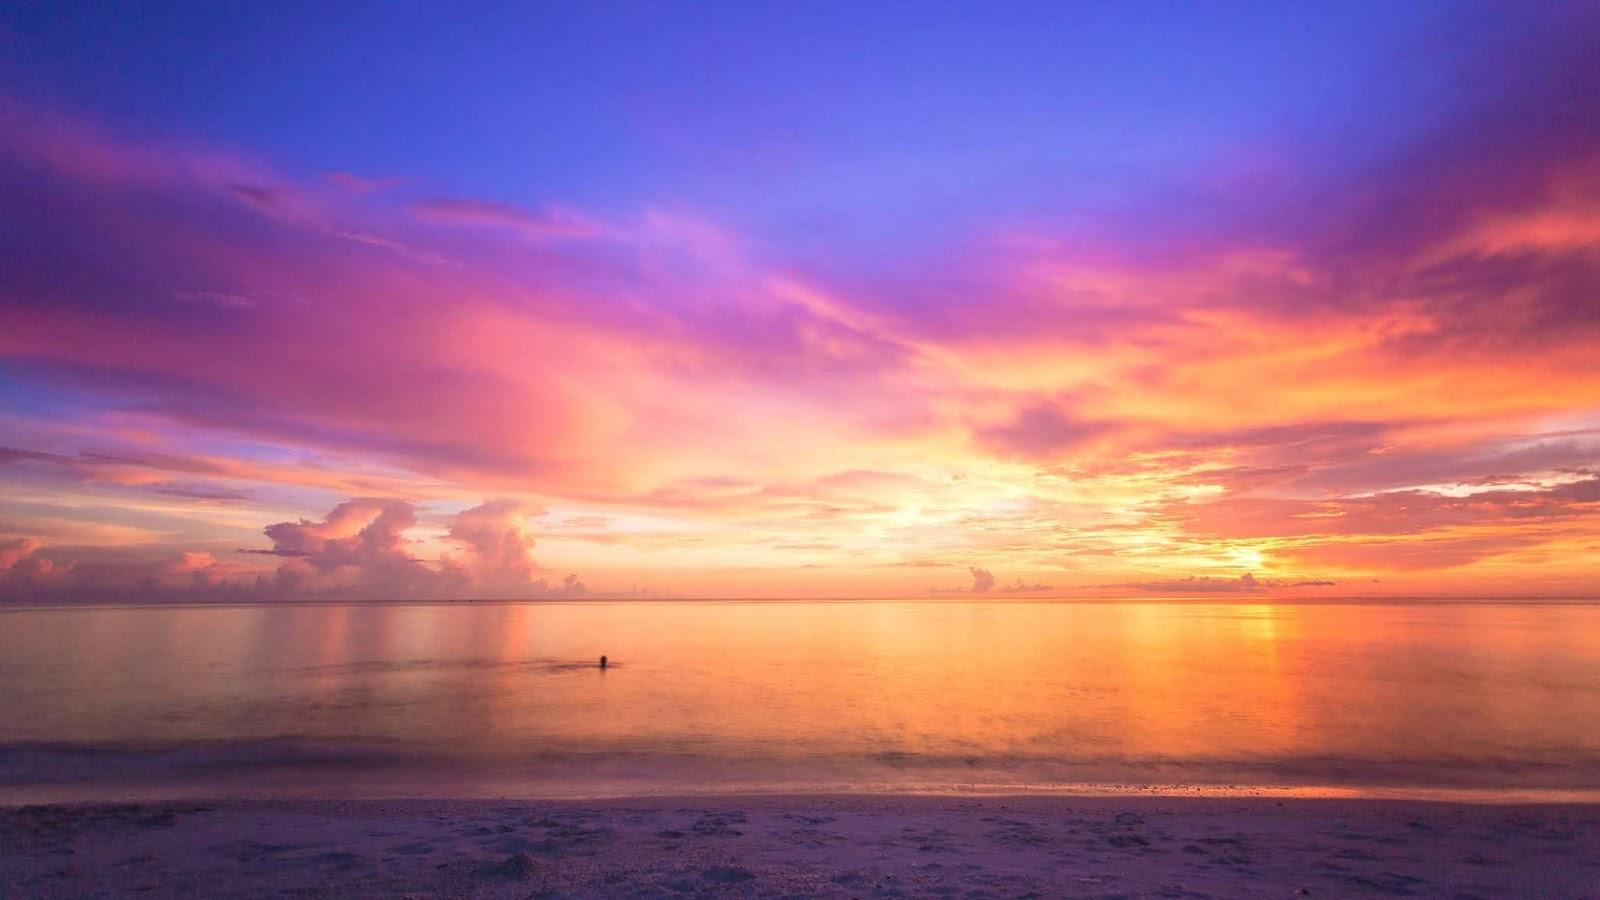 Rule of Third dalam foto komposisi laut yang indah